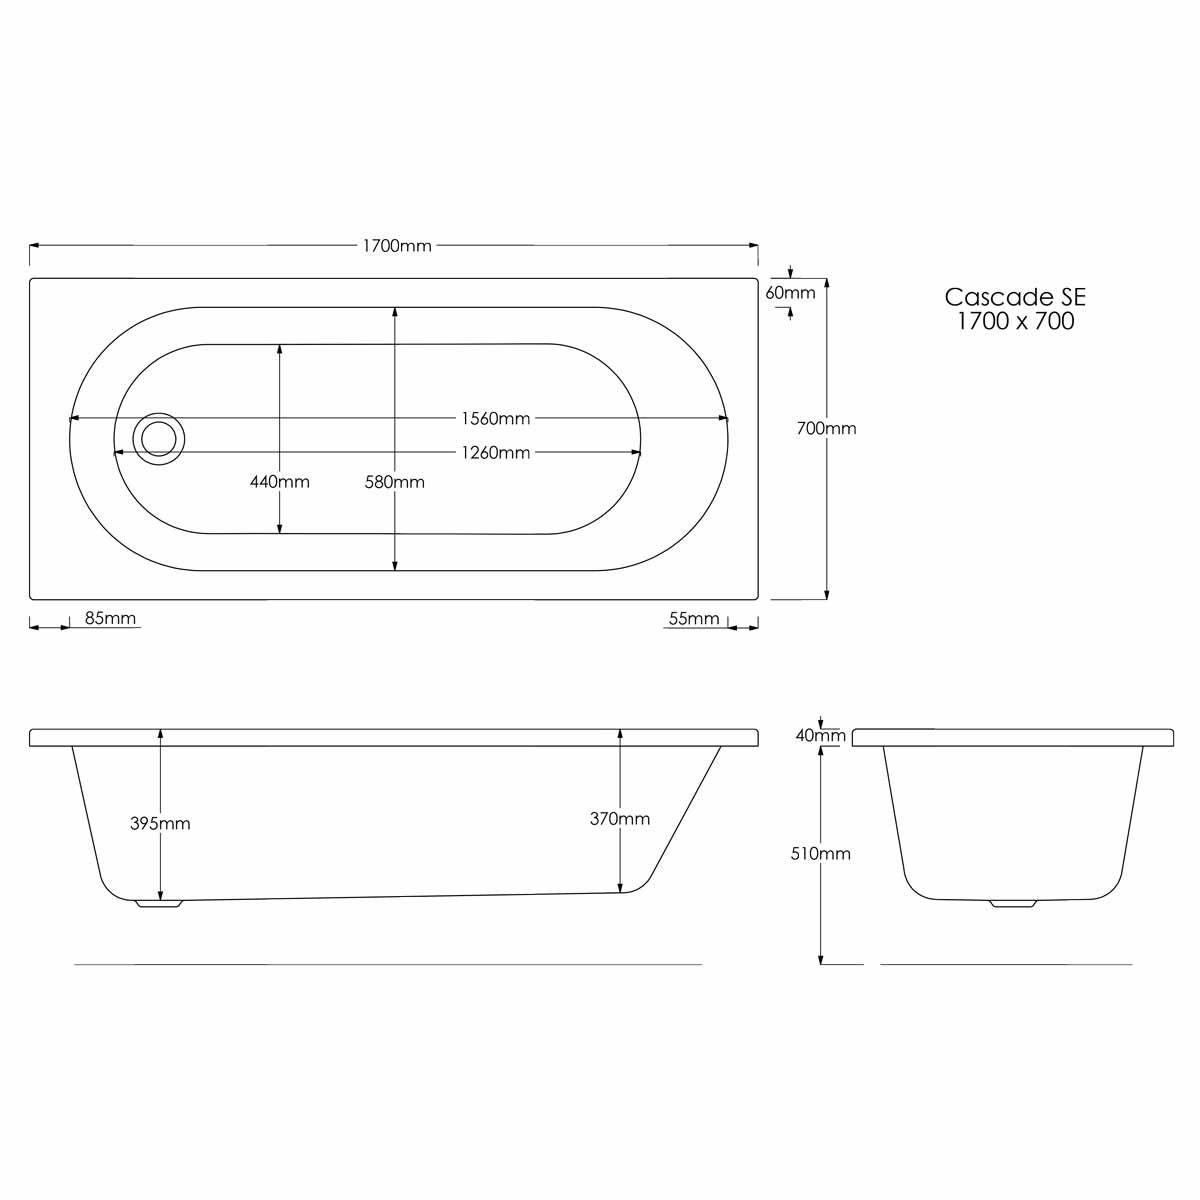 Trojan Cascade Single Ended Bath 1700 x 700 Dimensions